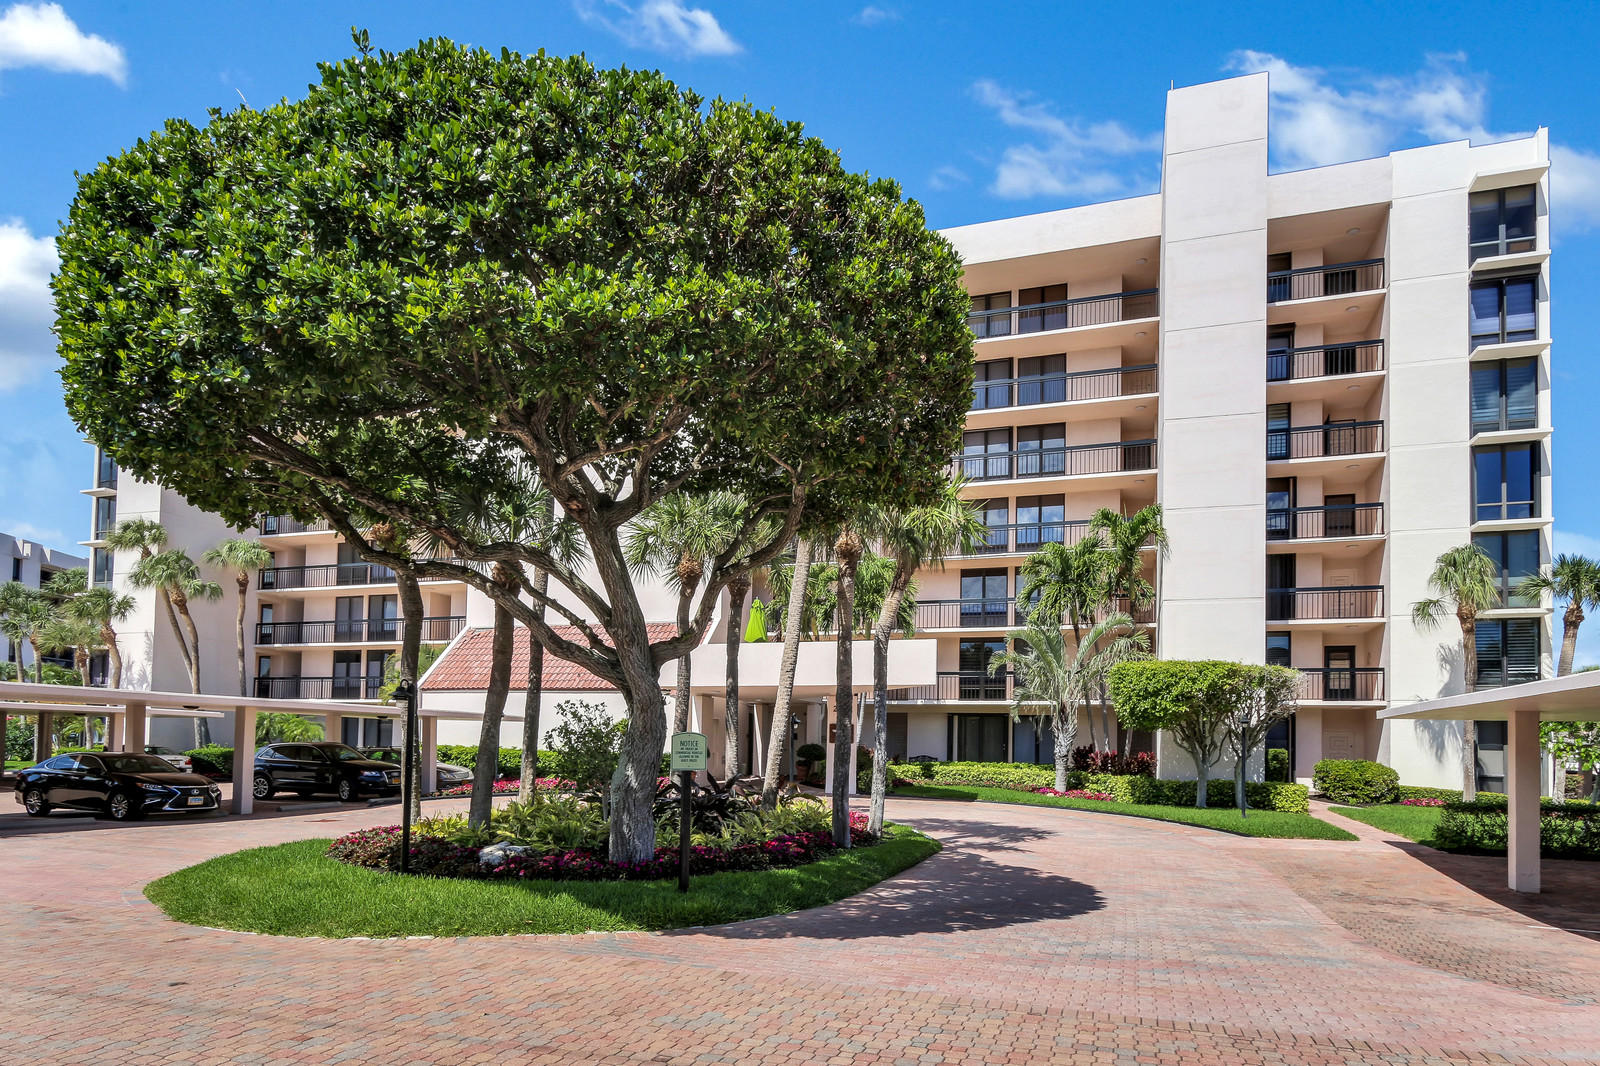 2687 N Ocean Boulevard #5010 Boca Raton, FL 33431